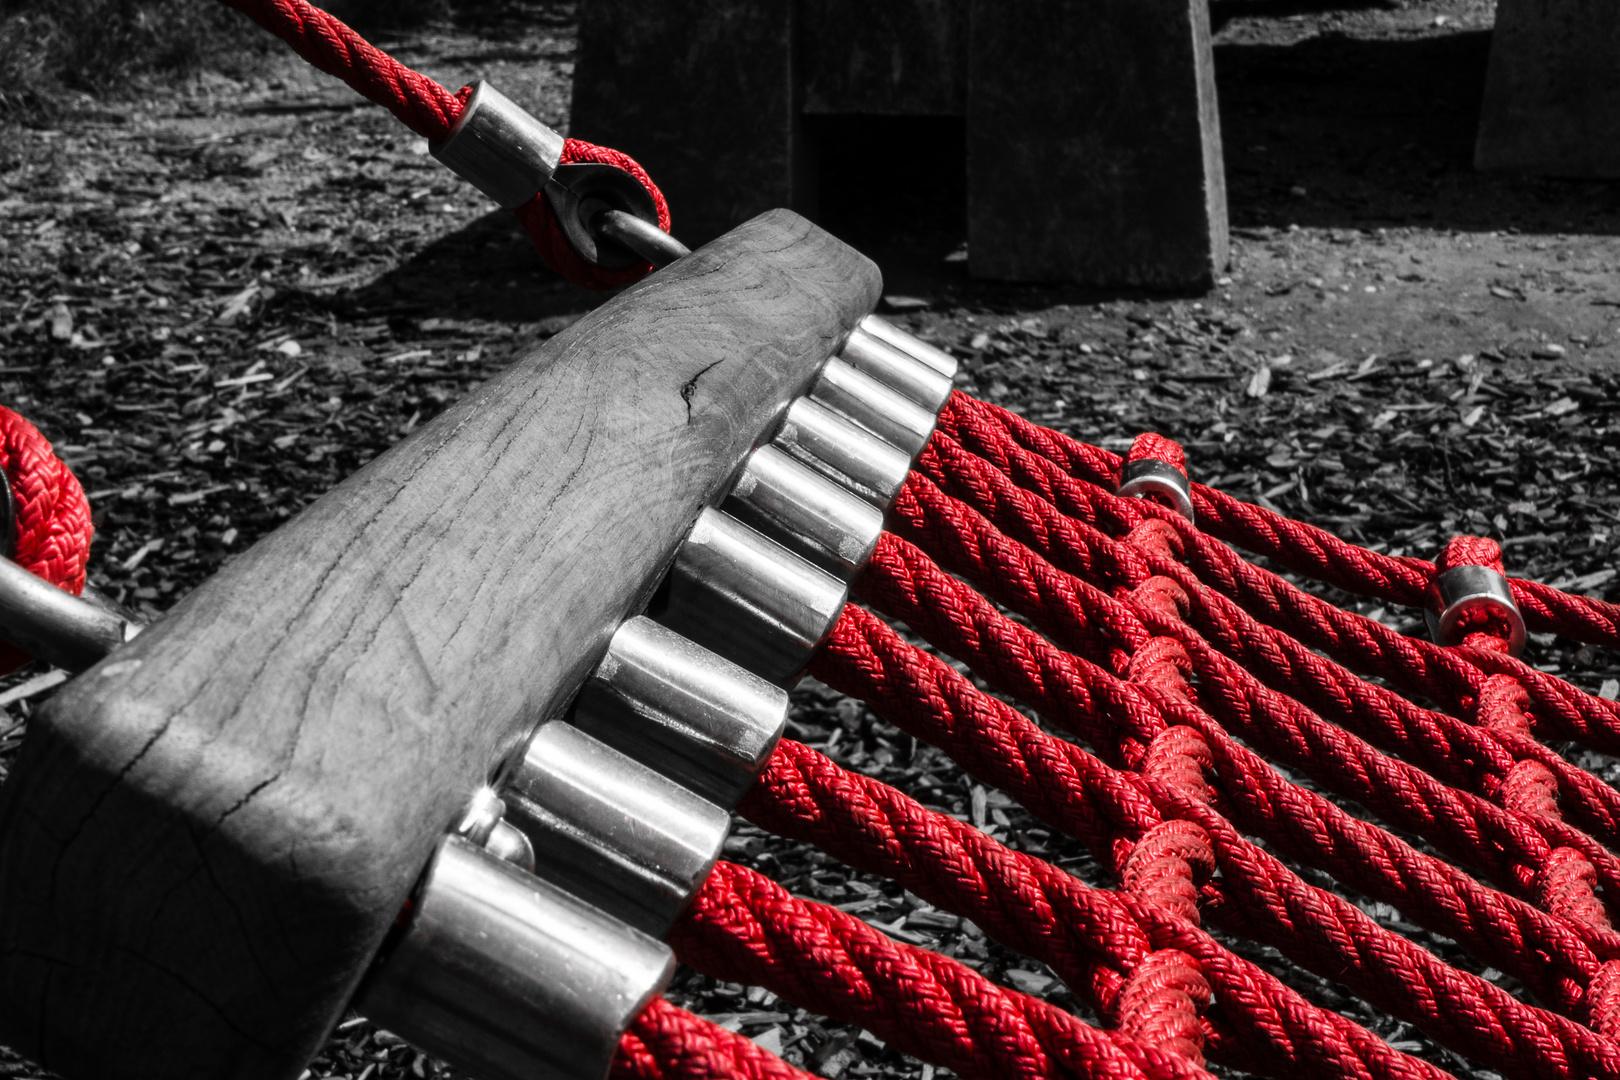 Die rote Schaukel